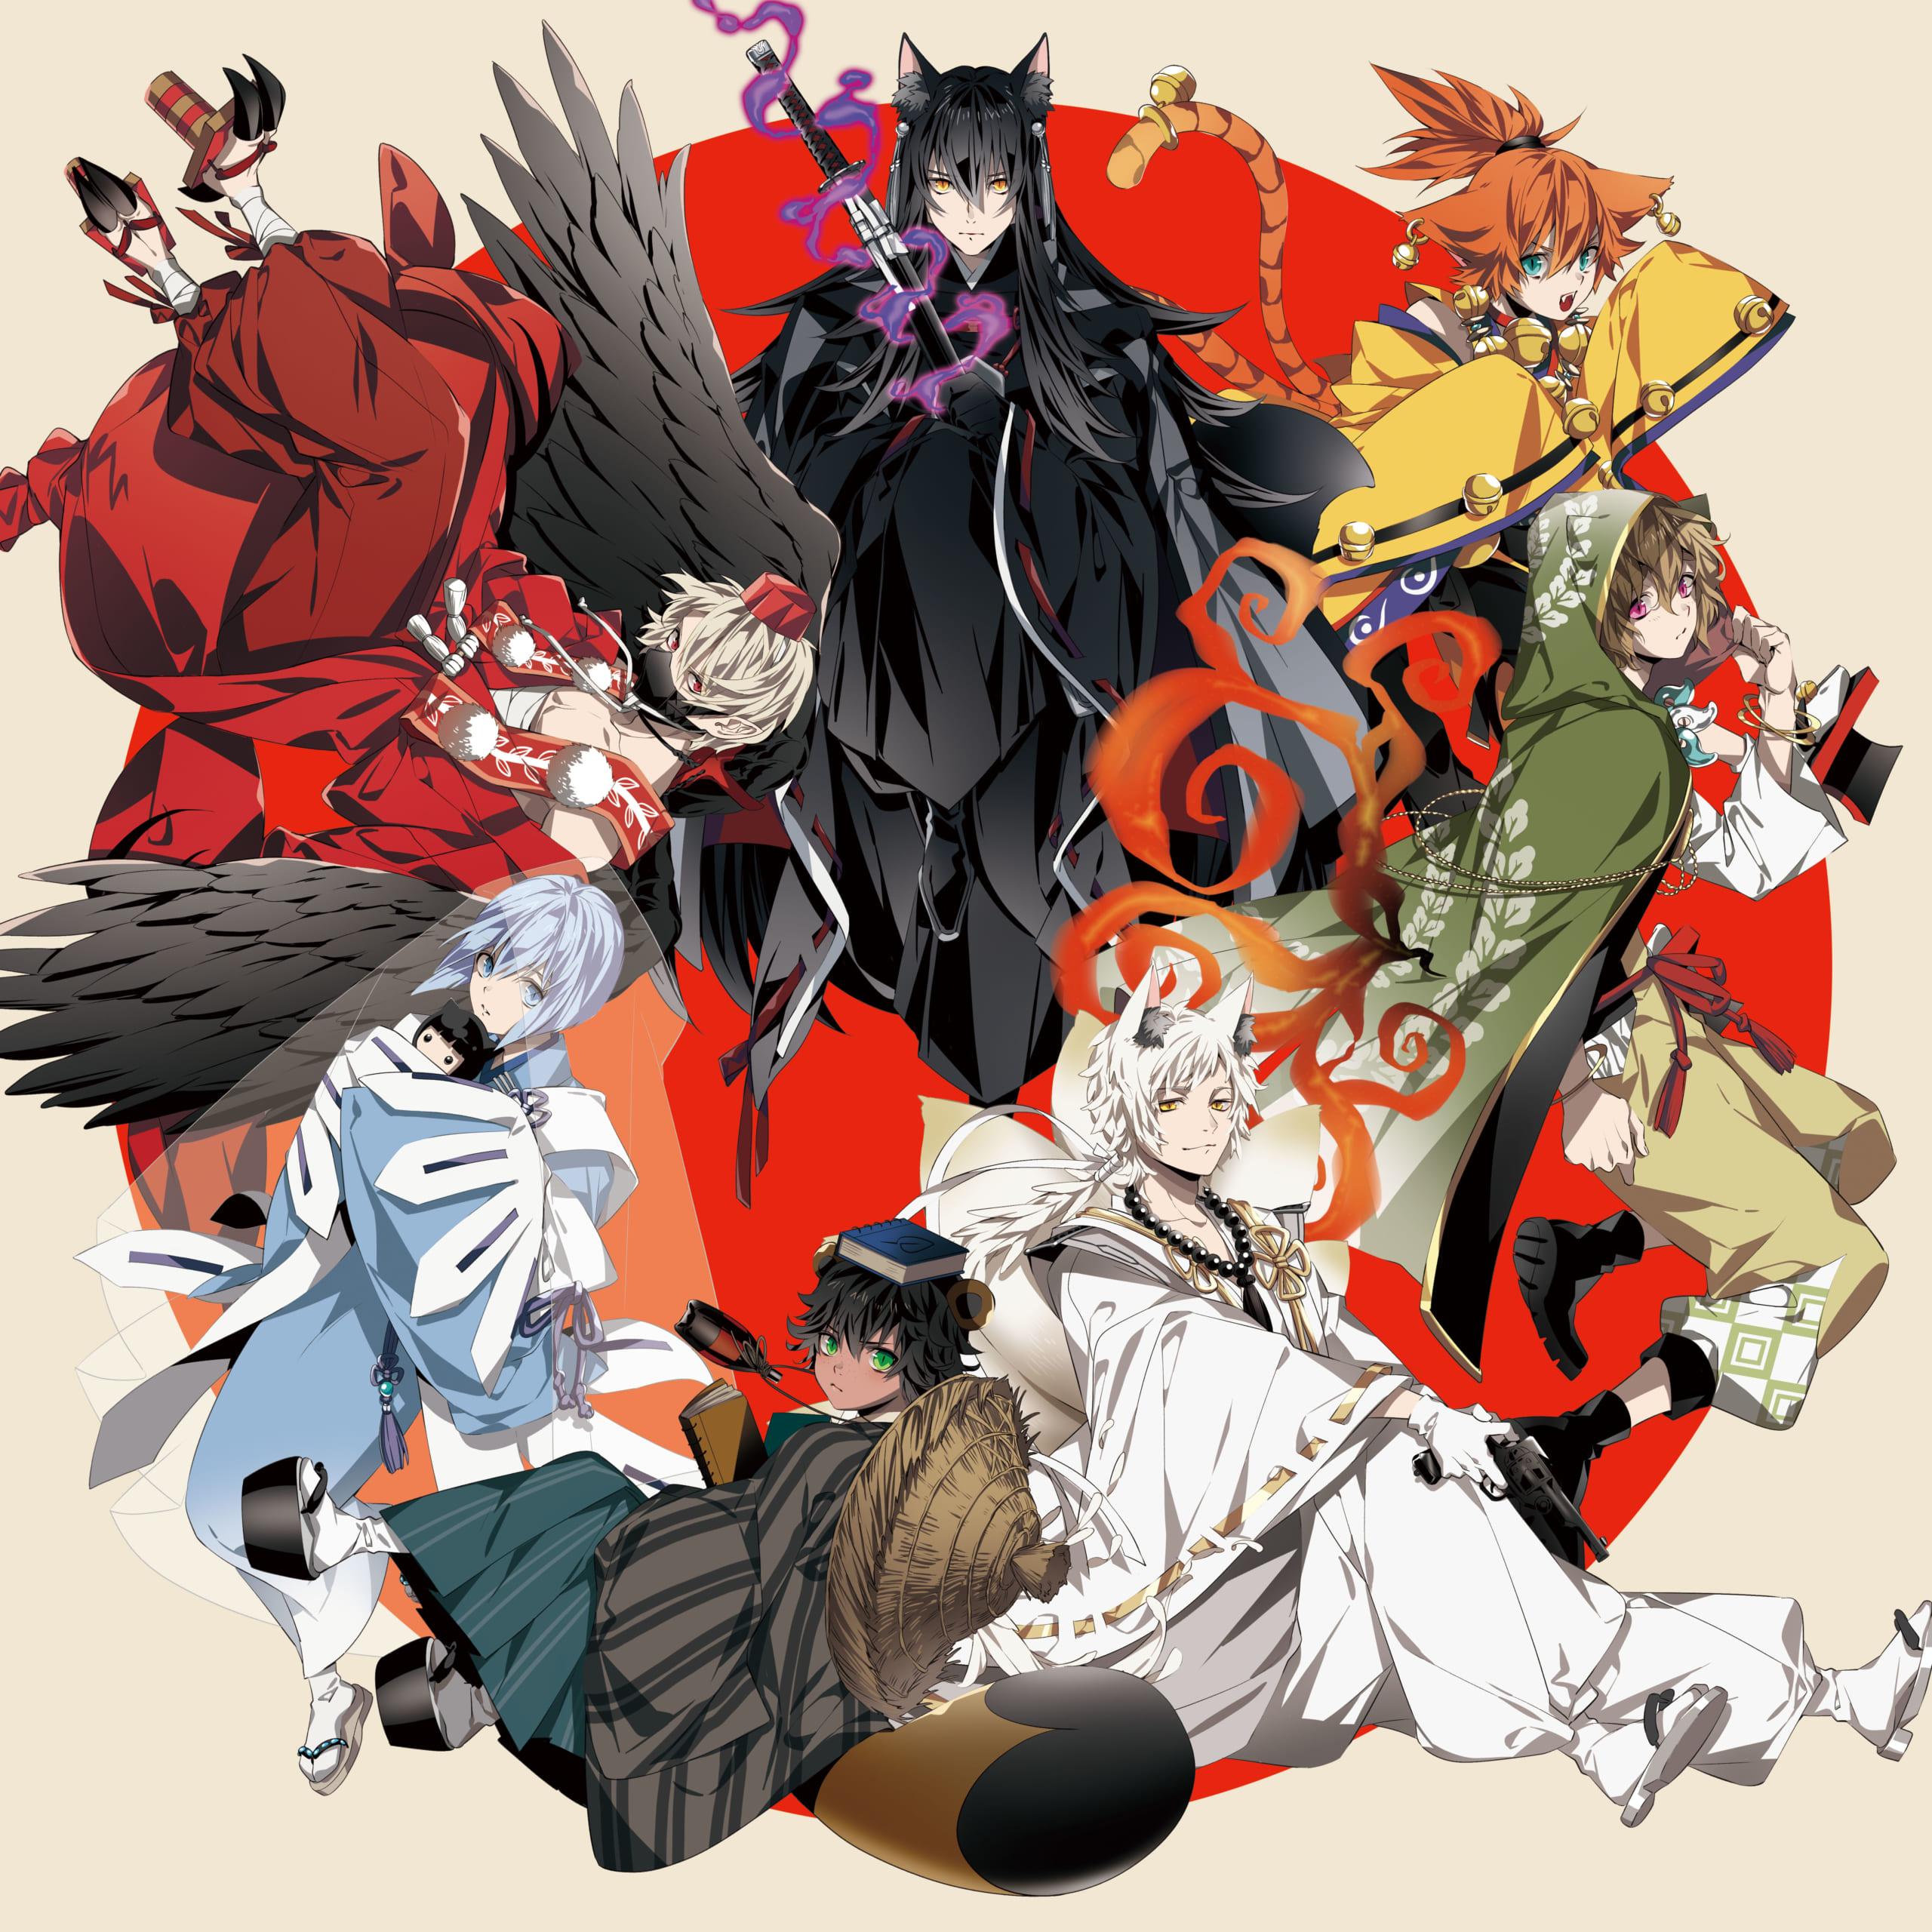 「声優男子ですが・・・?」より展開されるドラマCD「七人の妖」キャラクターPV&最新描き下ろしイラスト公開!